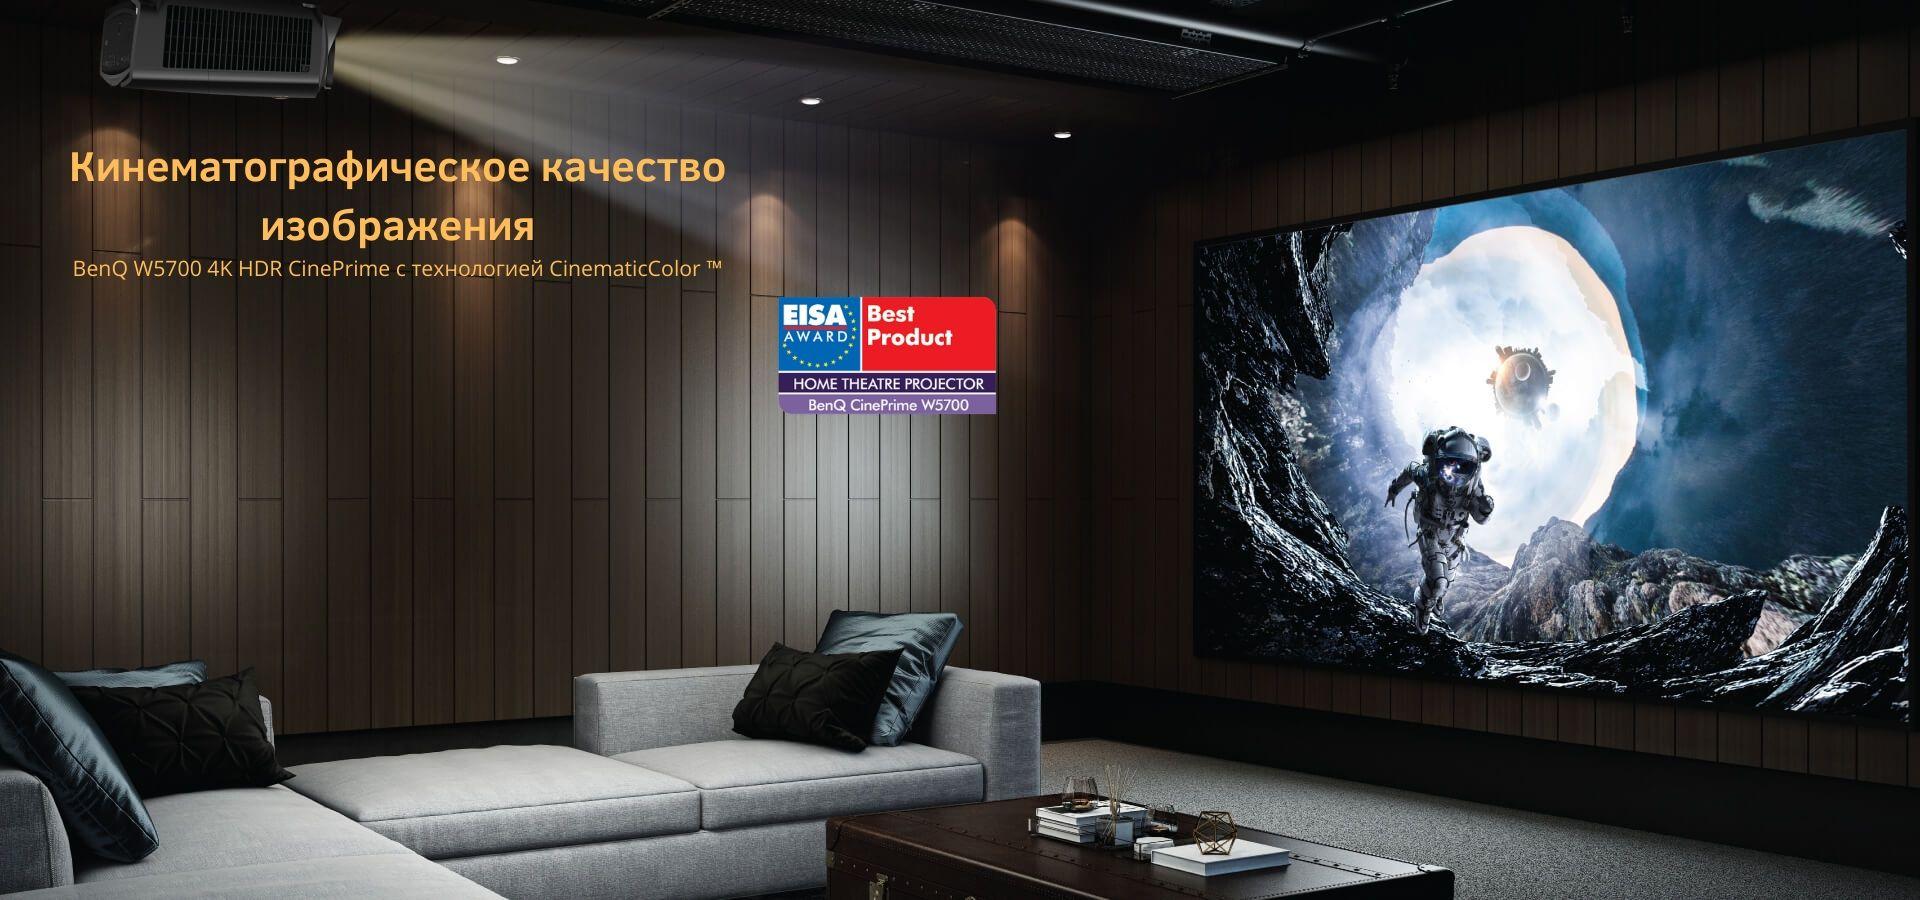 Проектор BenQ W5700 в Минске